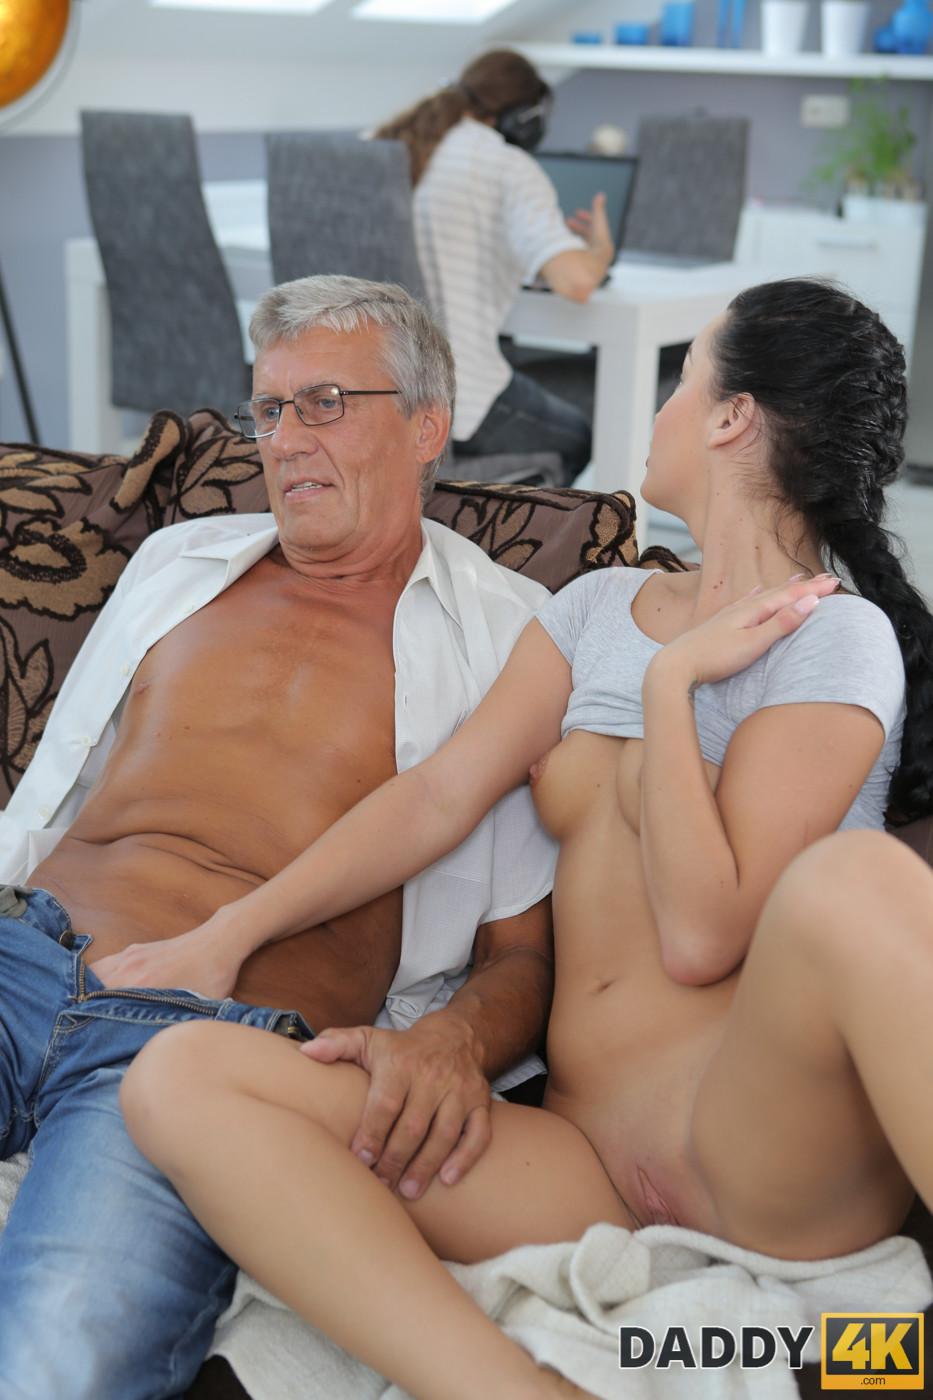 Daddy4k. masaje, entonces, sexo viejo y joven hace feliz a gf y padre.